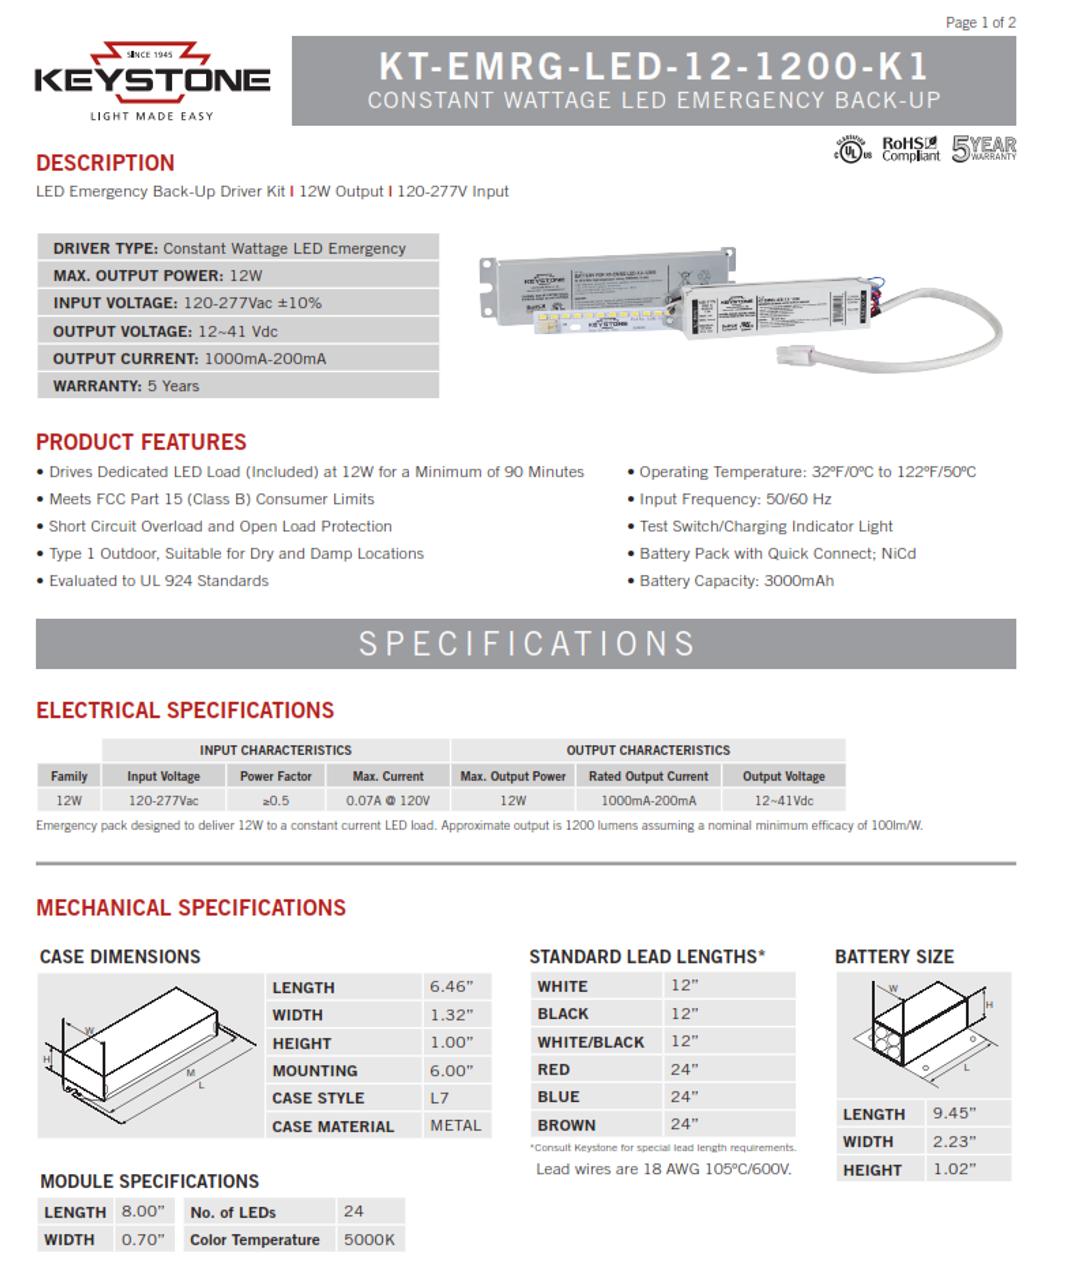 Keystone KT-EMRG-LED-12-1200-K1- LED Emergency Backup